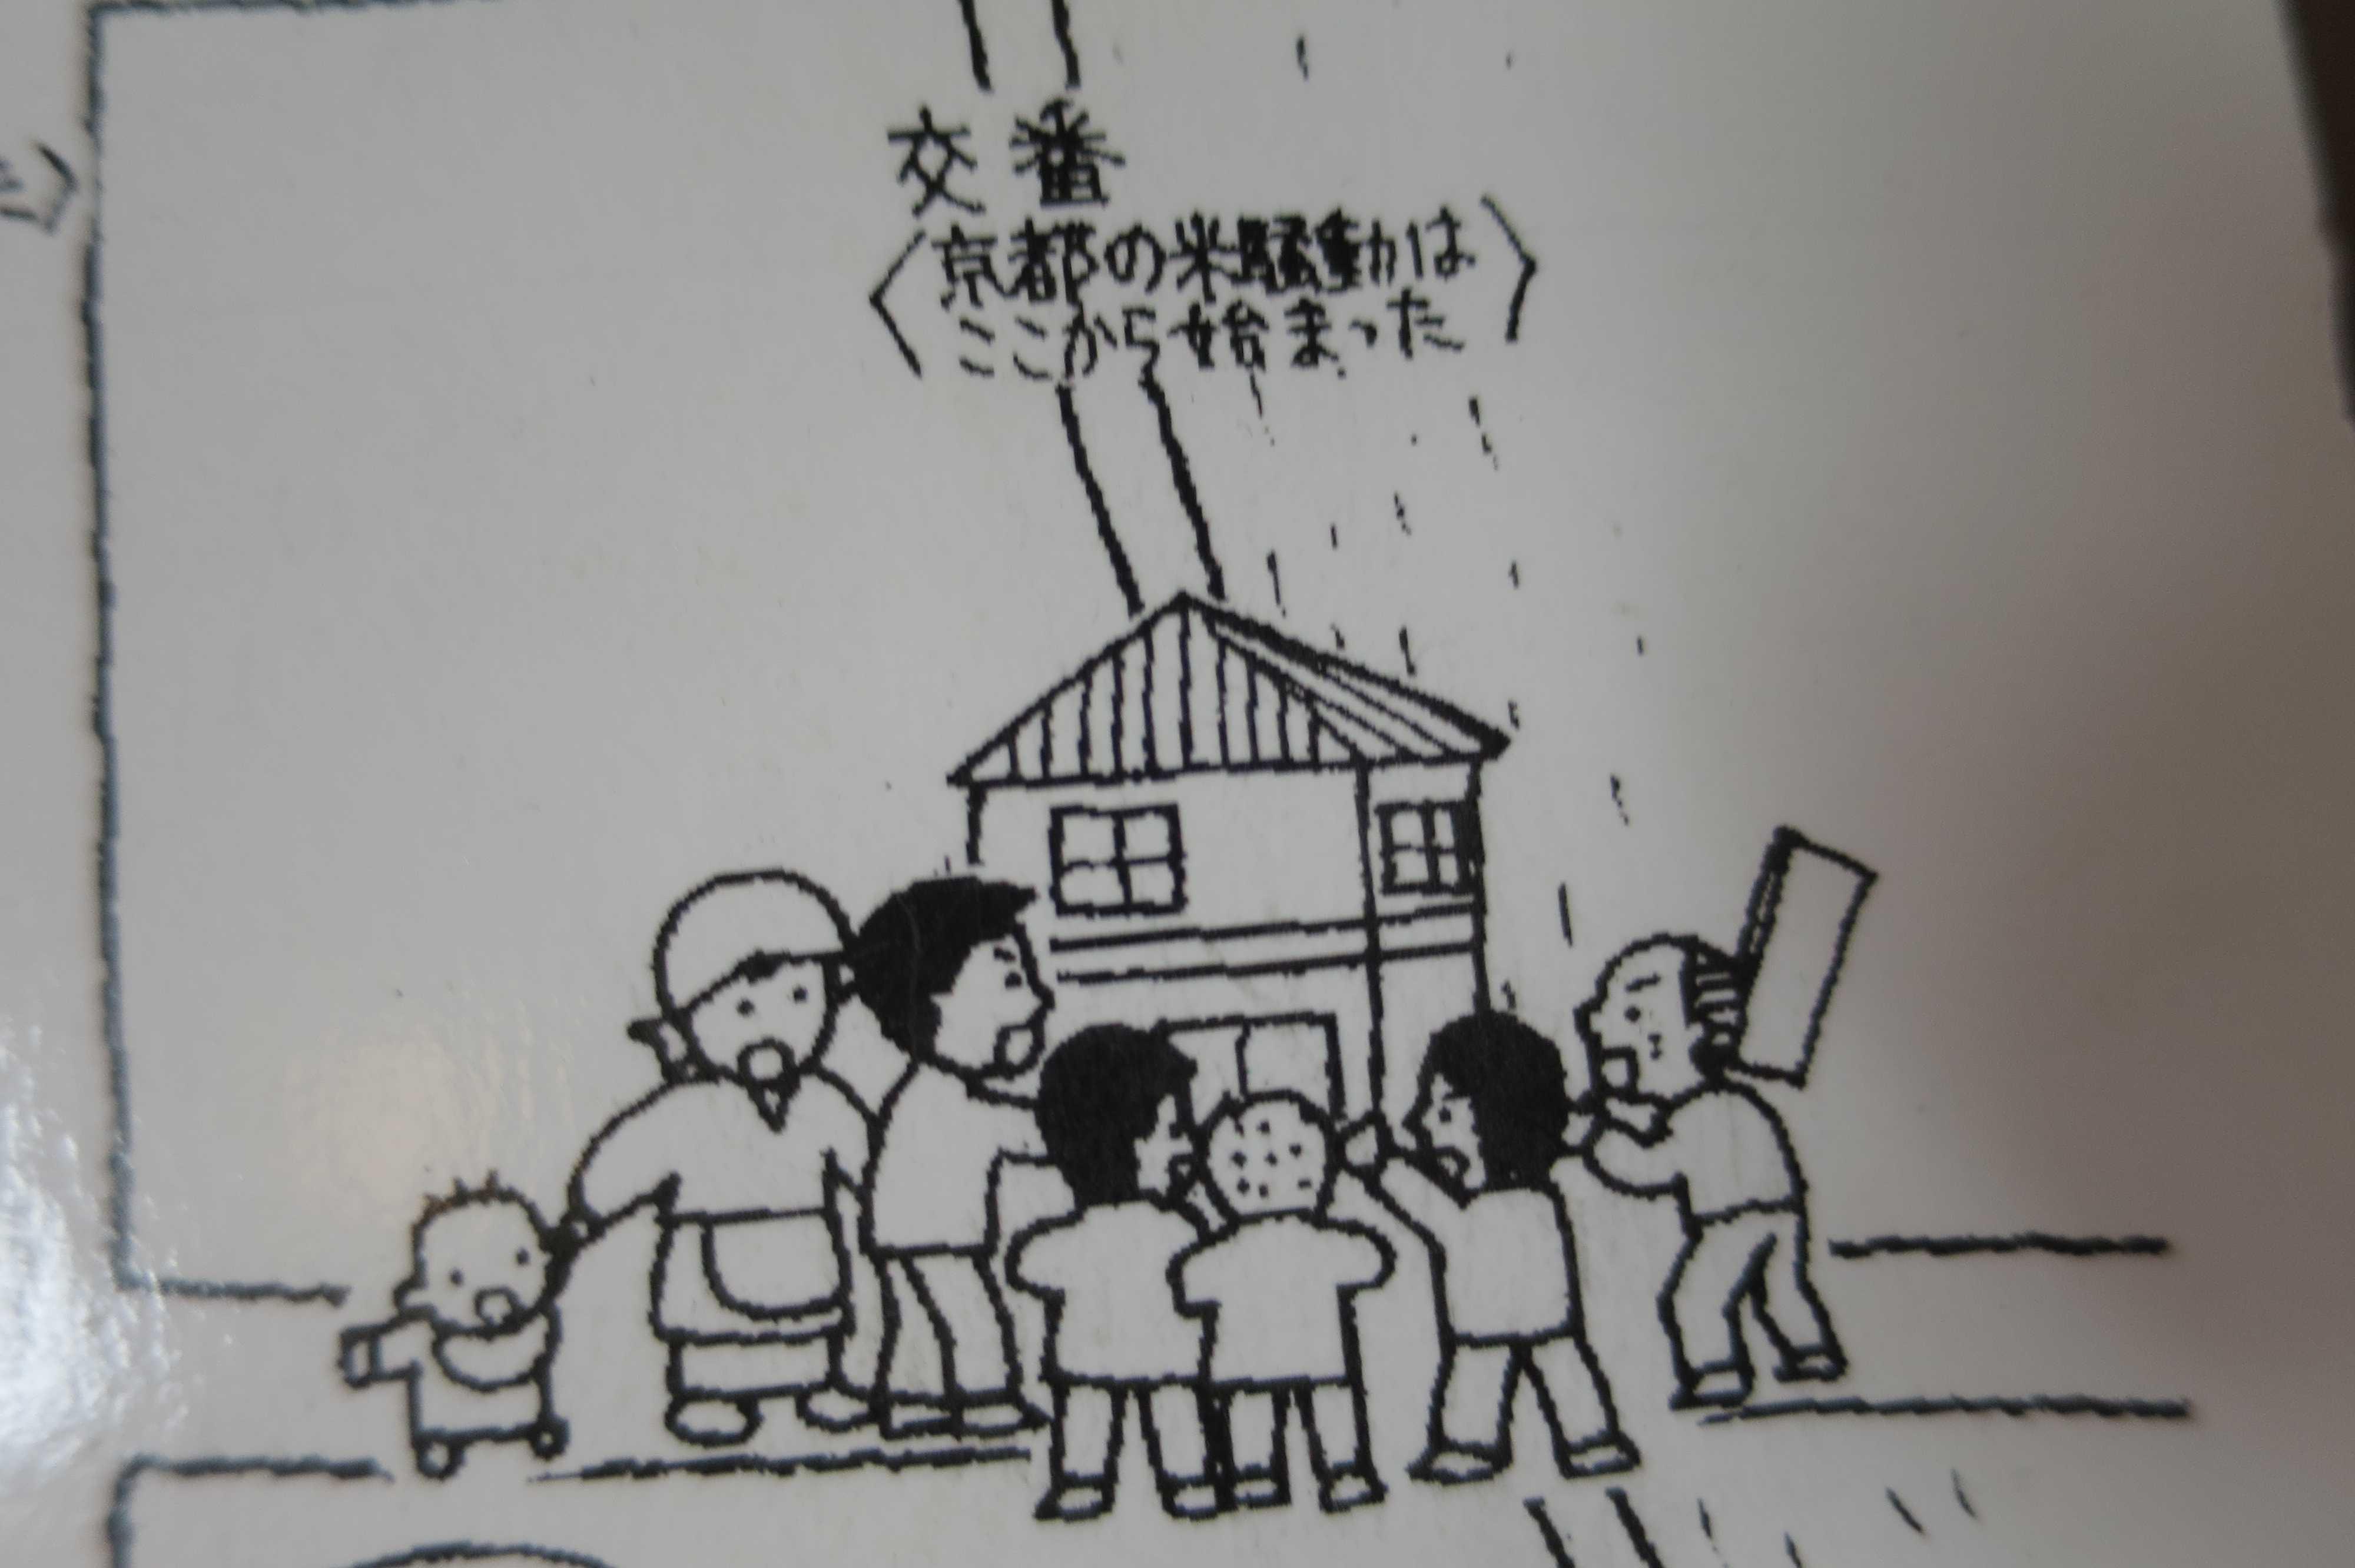 京都・崇仁地区 - 京都の米騒動が始まった交番のイラスト